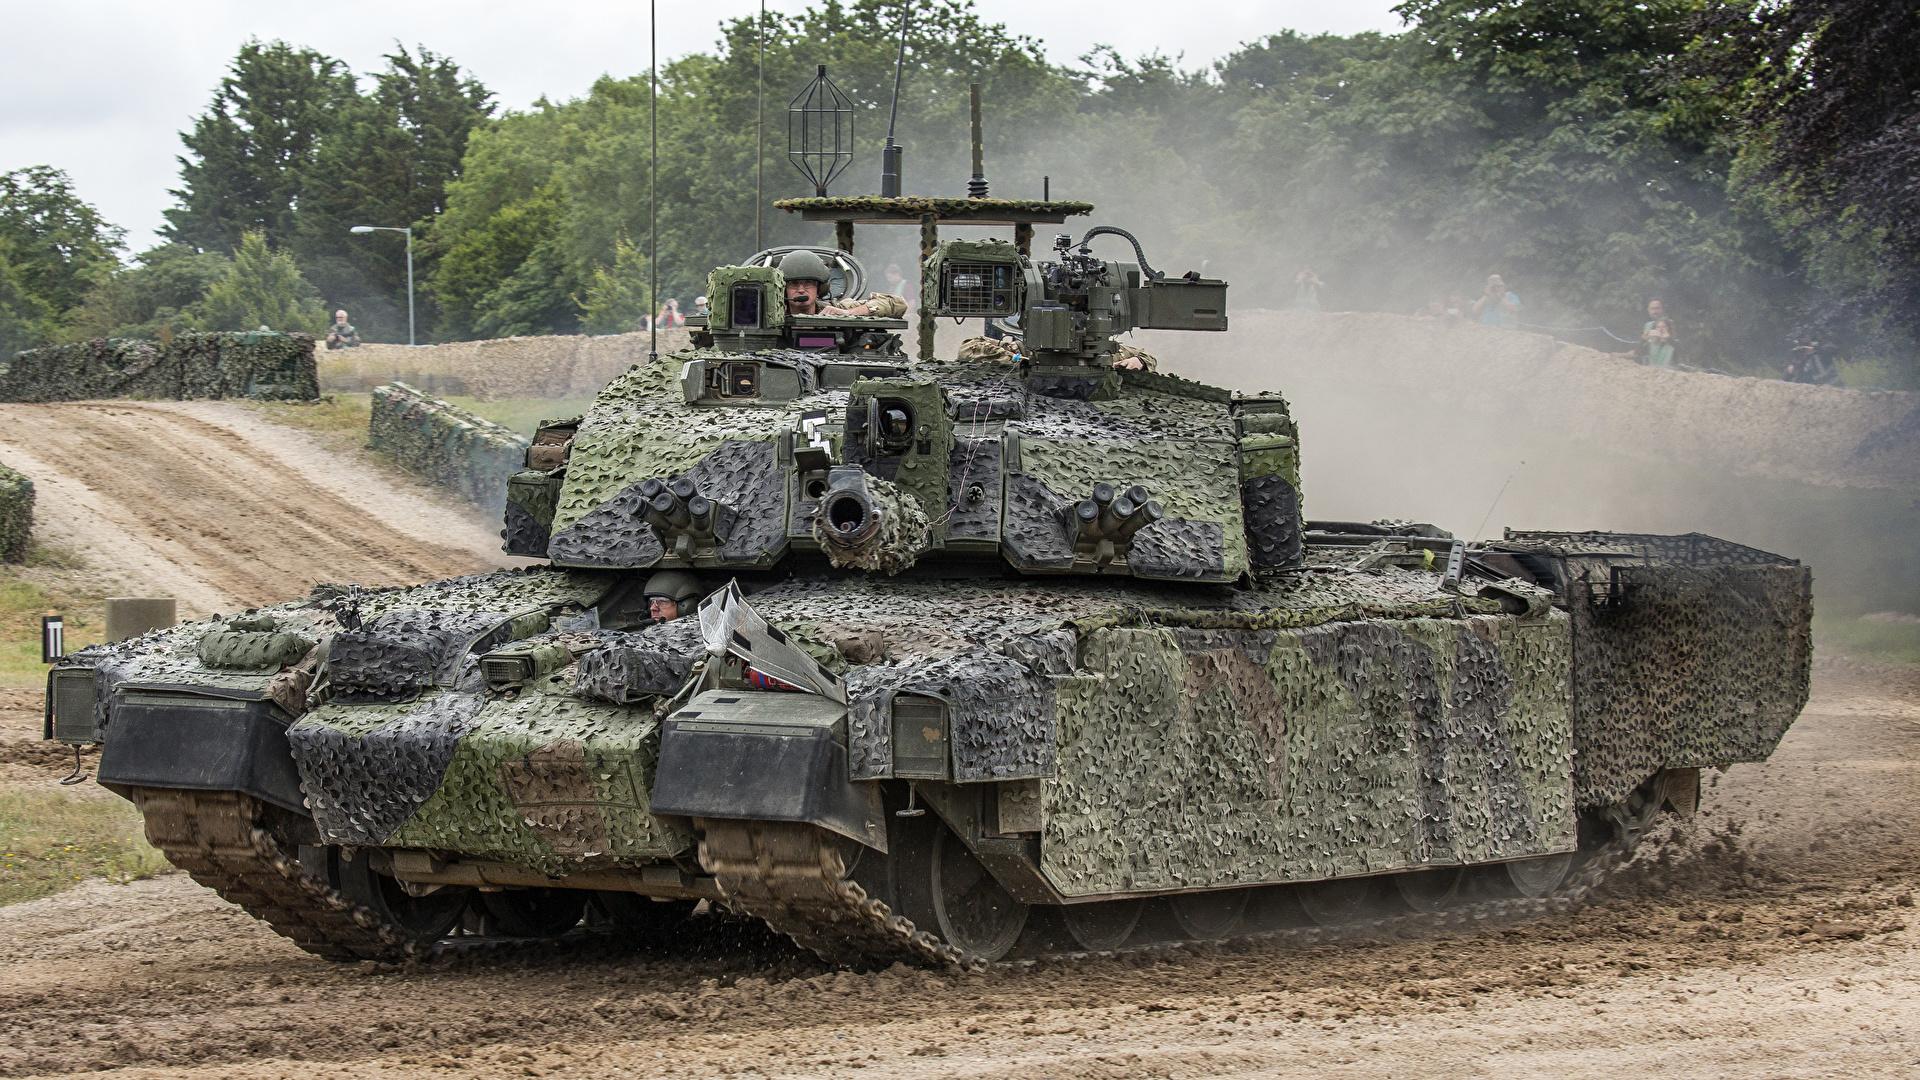 Tanks_Challenger_2_Camouflage_British_52